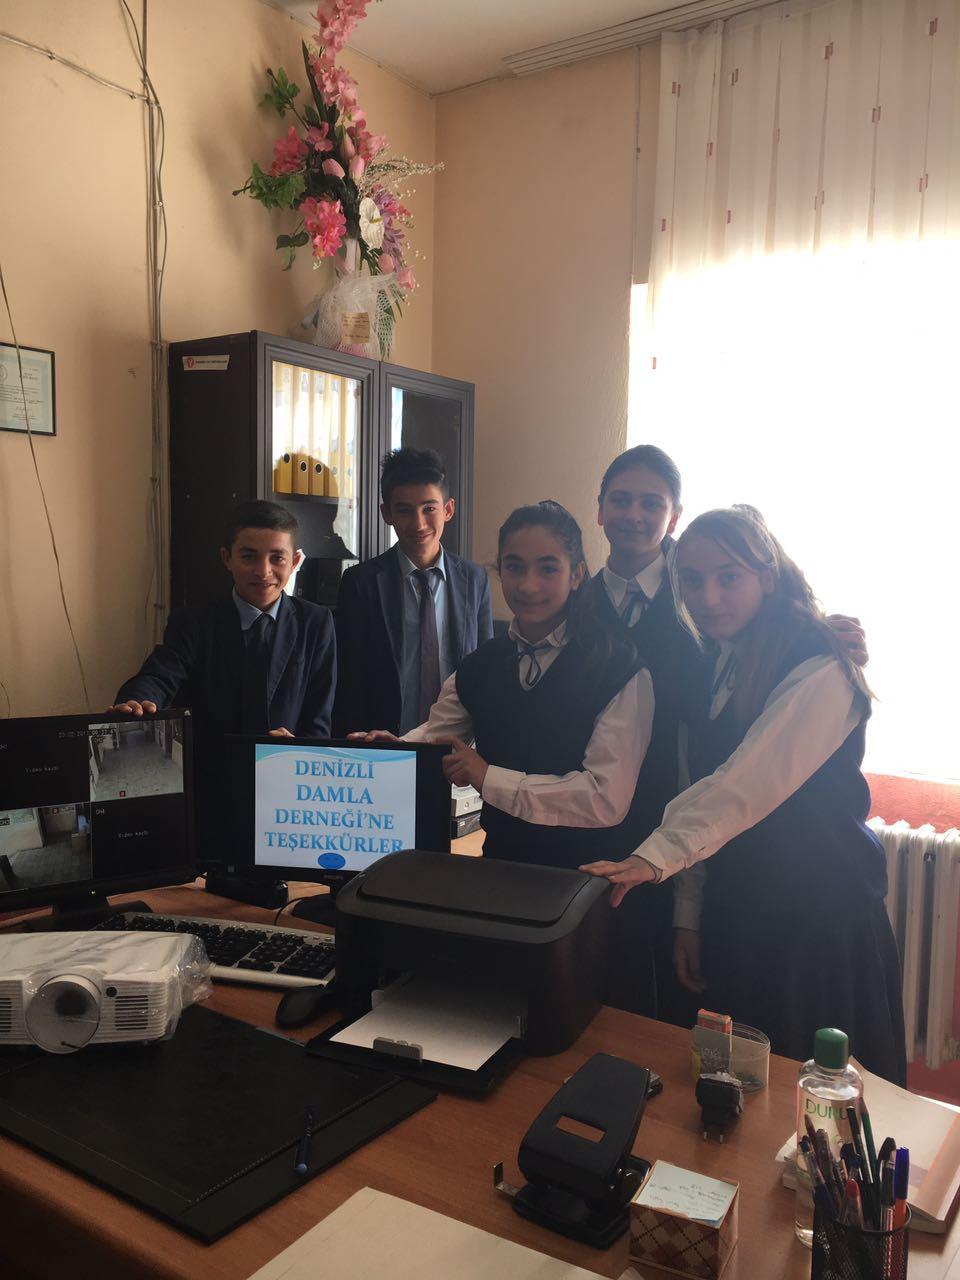 Kars Kağızman İlçesi Paslı Köyü Esin Çağdaş İlkokulu ve Ortaokulu